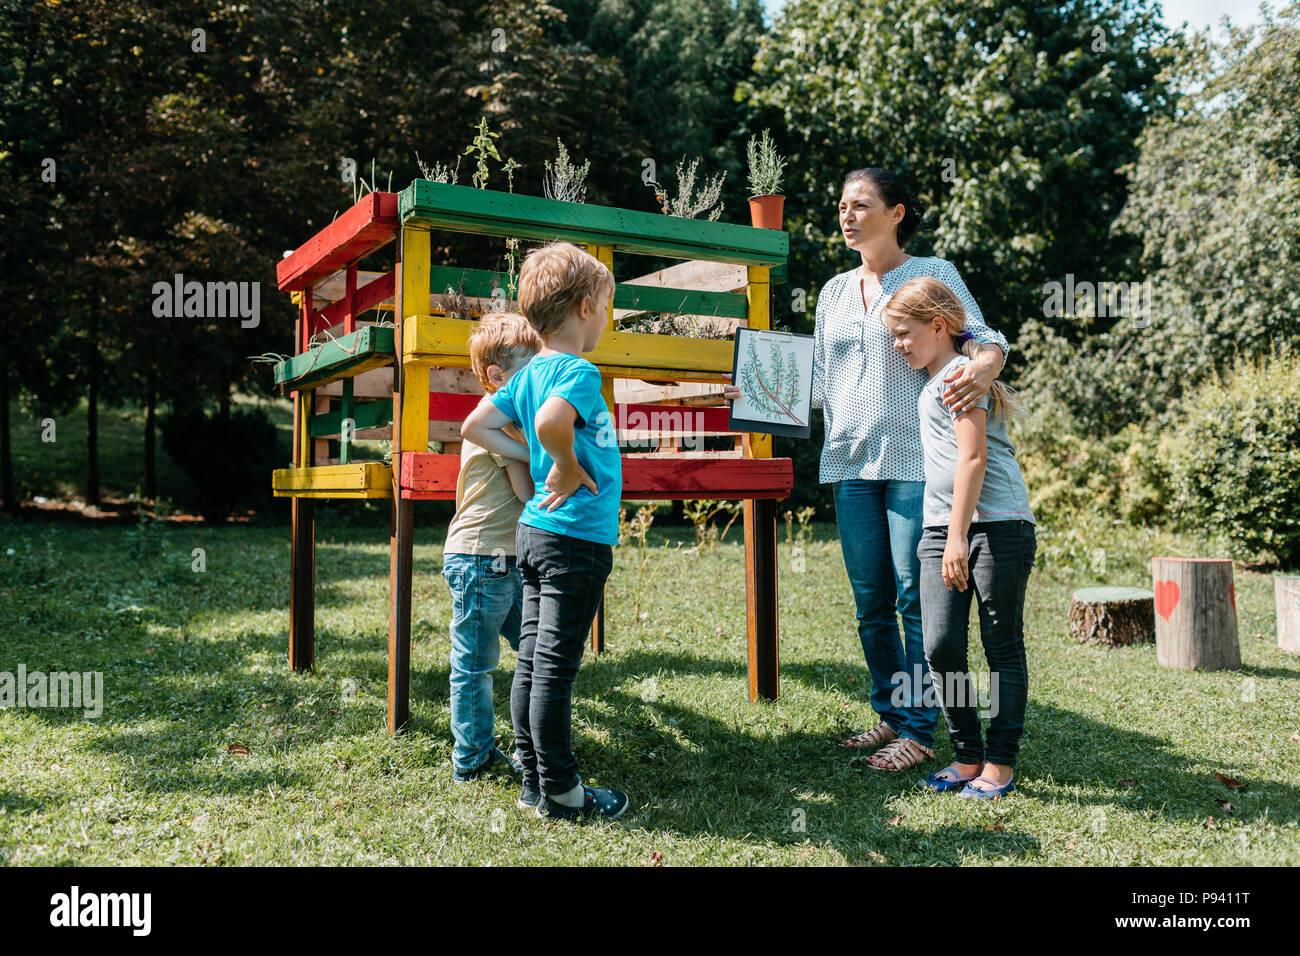 Profesor explicando un tema medioambiental sobre las hierbas a un pequeño grupo de alumnos de primaria. - Los niños de aprendizaje al aire libre discutiendo con un profesor. Foto de stock